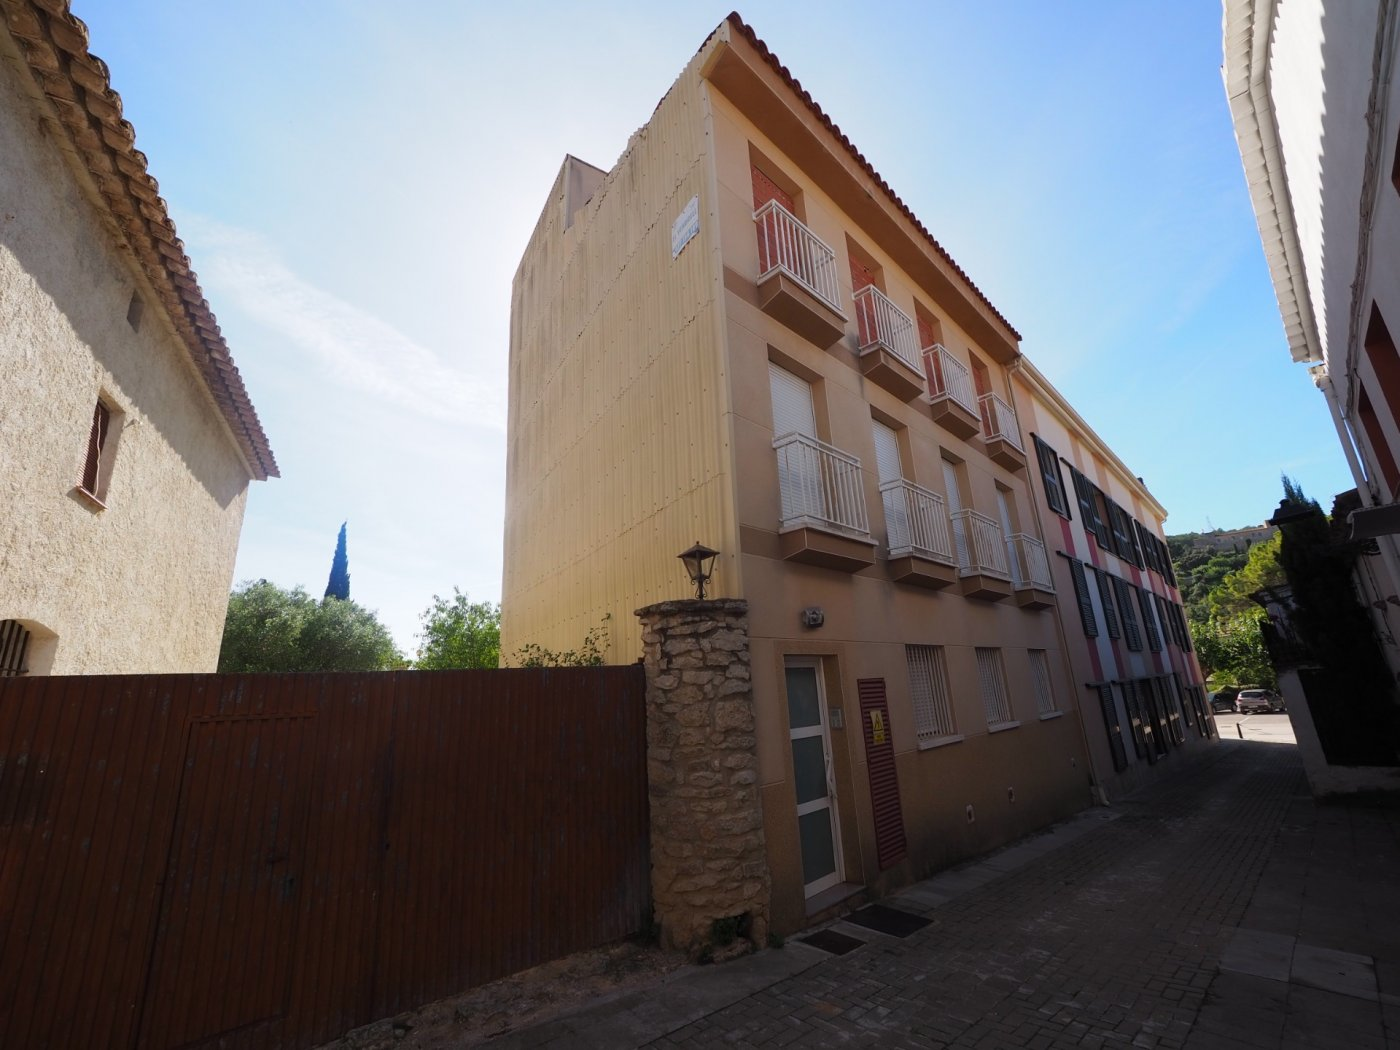 duplex en sant-marti-sarroca · sant-marti-sarroca 113000€